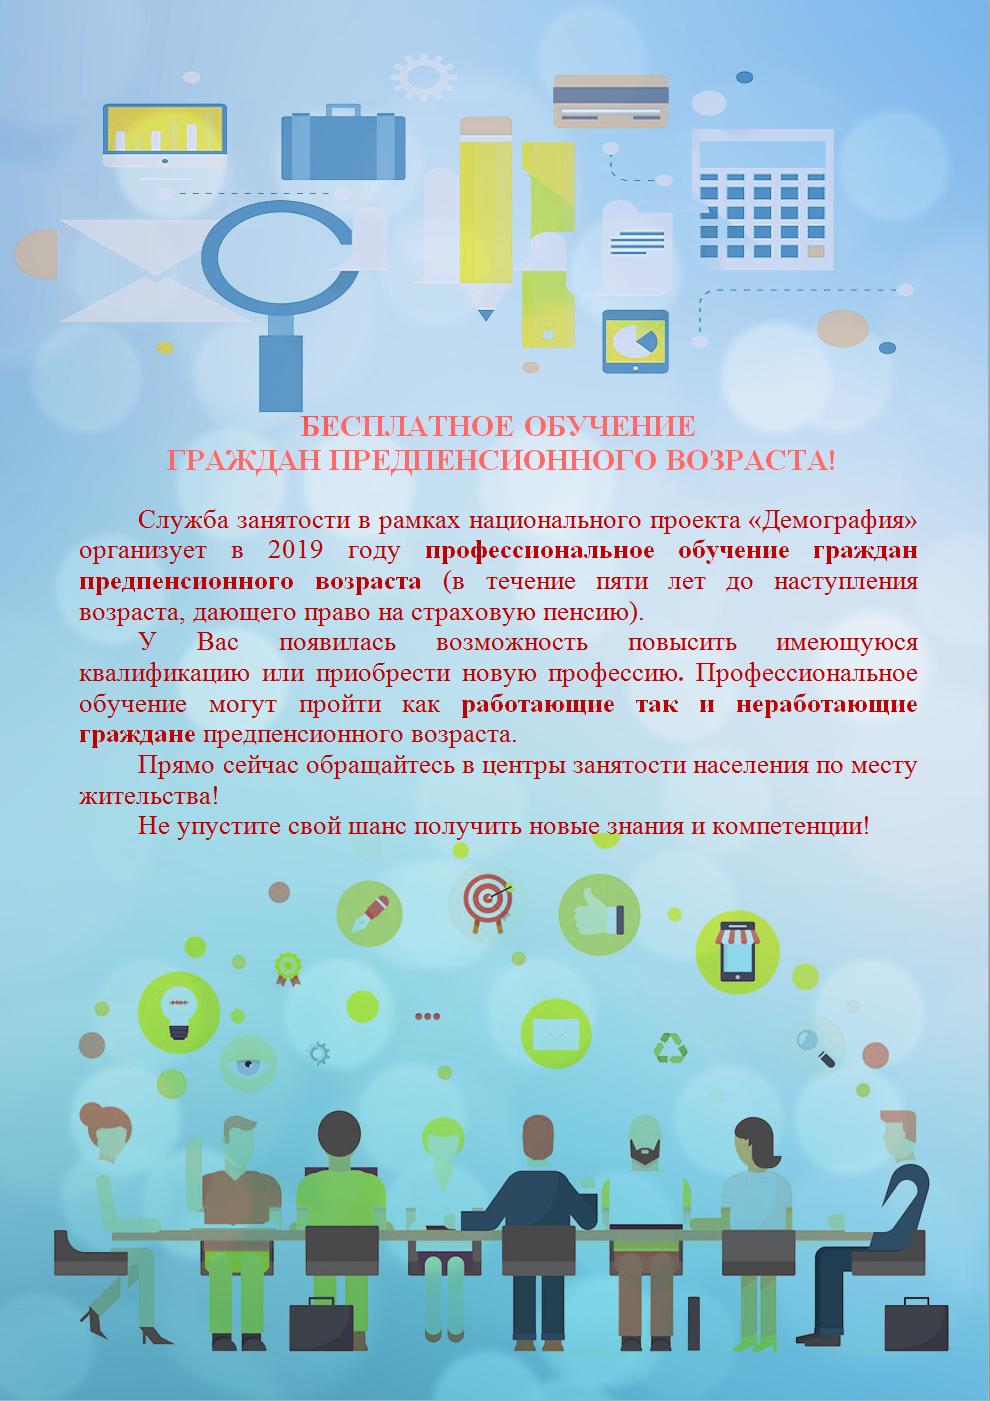 перечень профессий для обучения граждан предпенсионного возраста